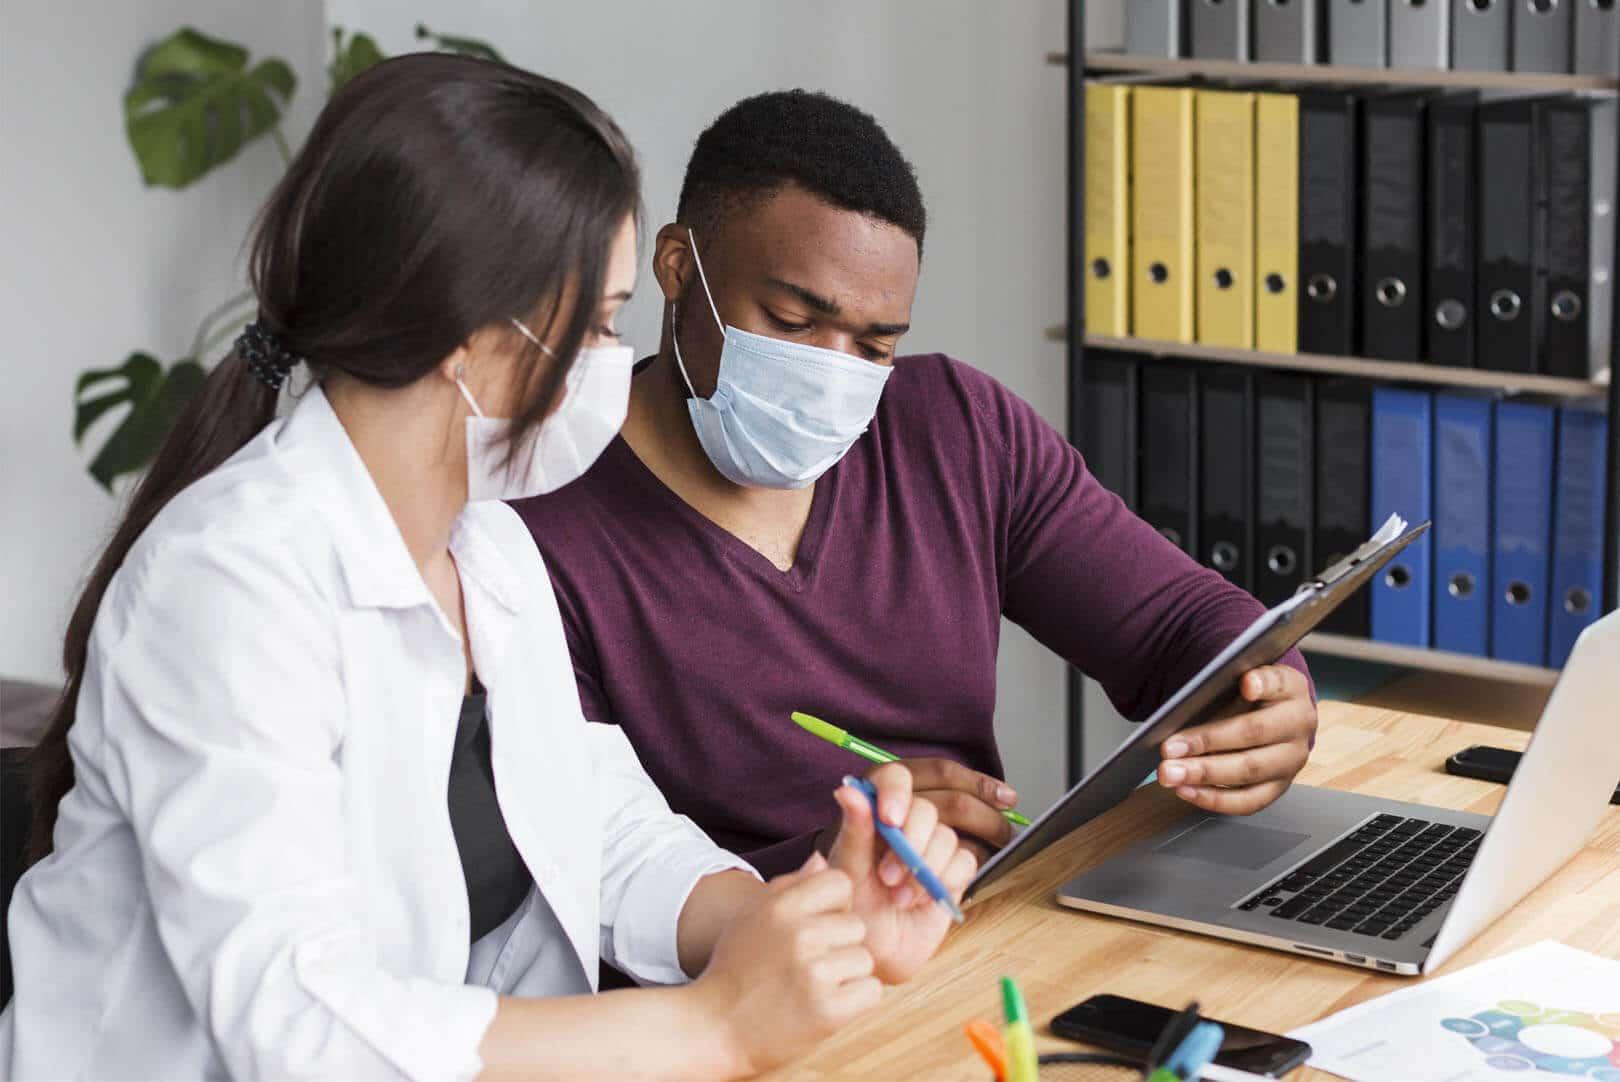 Deux collègues avec des masques